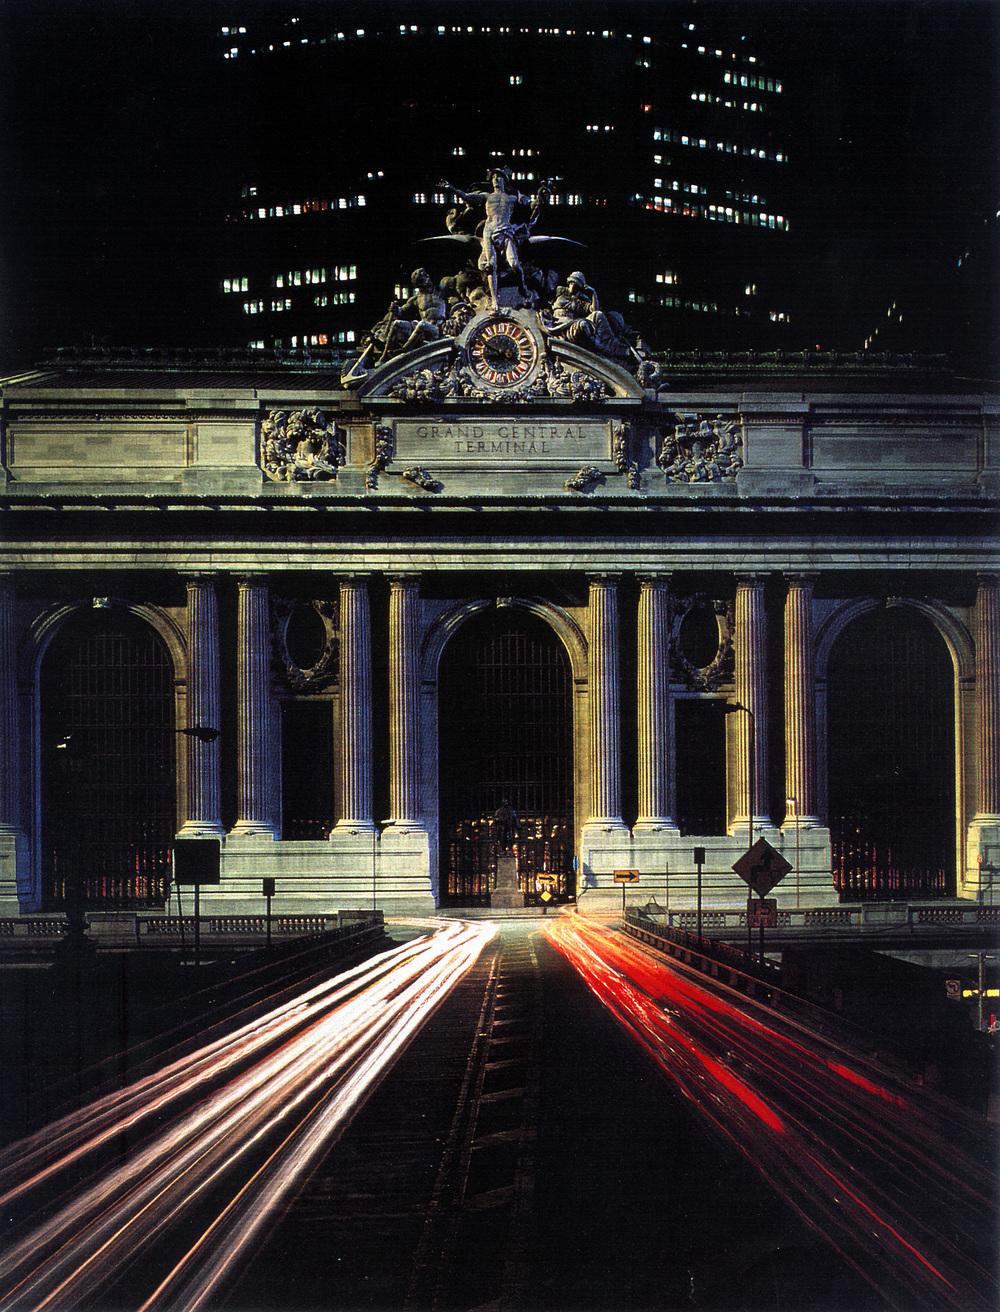 Grand Central Station Restoration